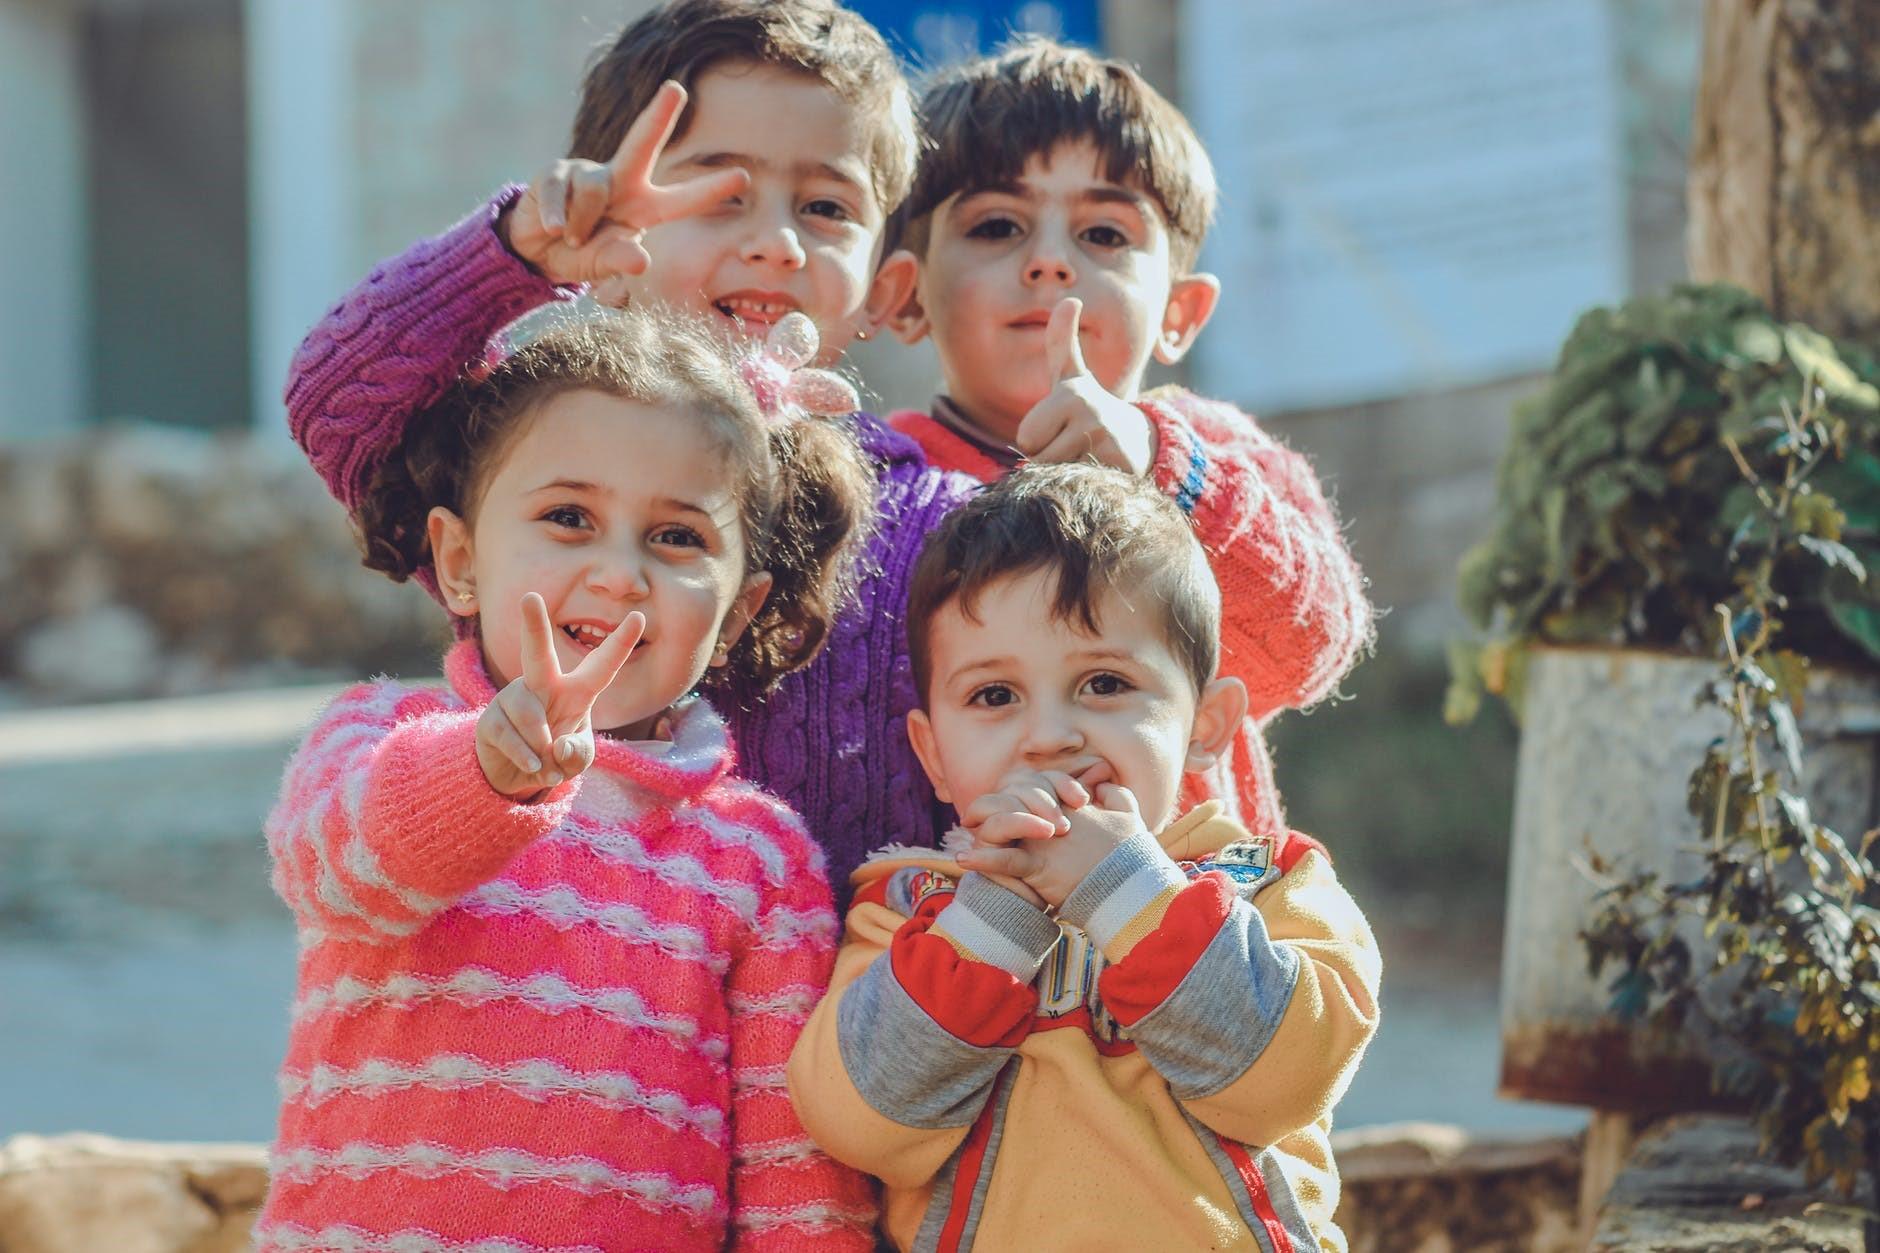 Cinq façons de développer la santé mentale d'un jeune enfant